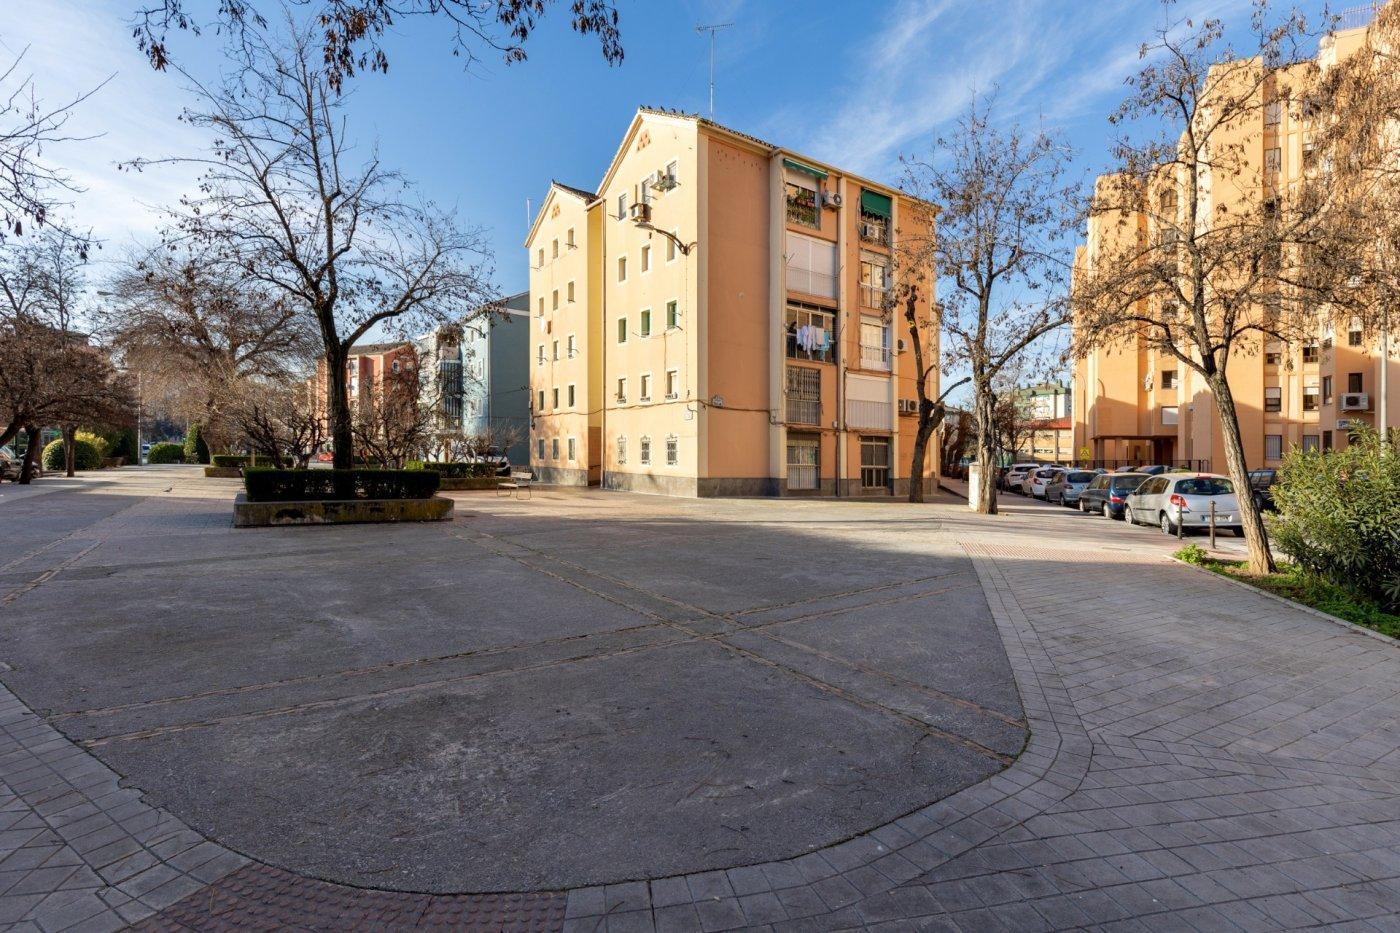 VIVE EN EL CENTRO DE GRANADA A UN PRECIO DE ESCANDALO, Granada